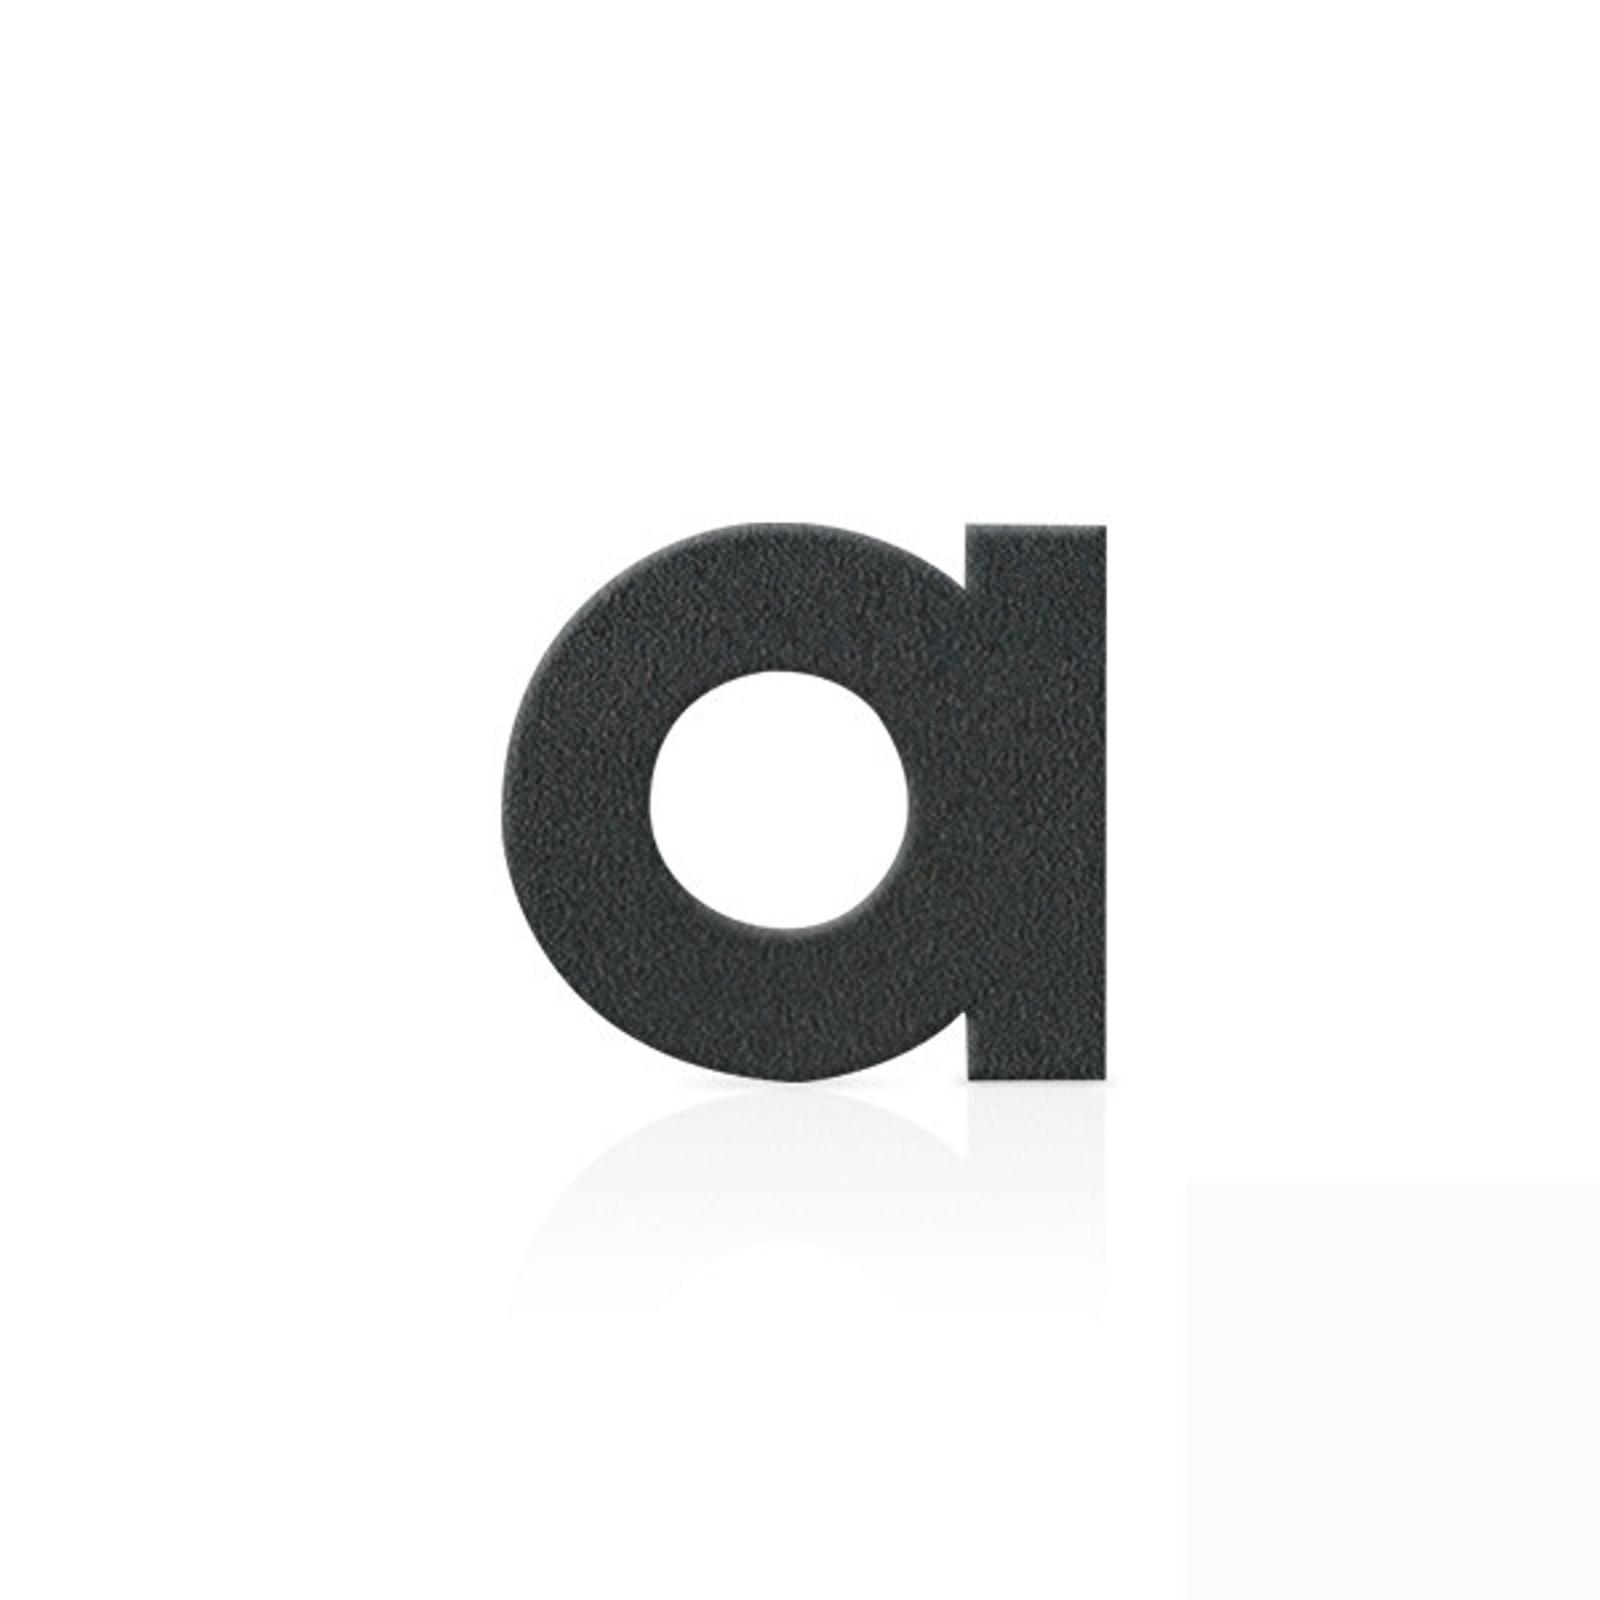 Produktové foto Heibi Nerezová domovní čísla písmeno a, grafit šedý